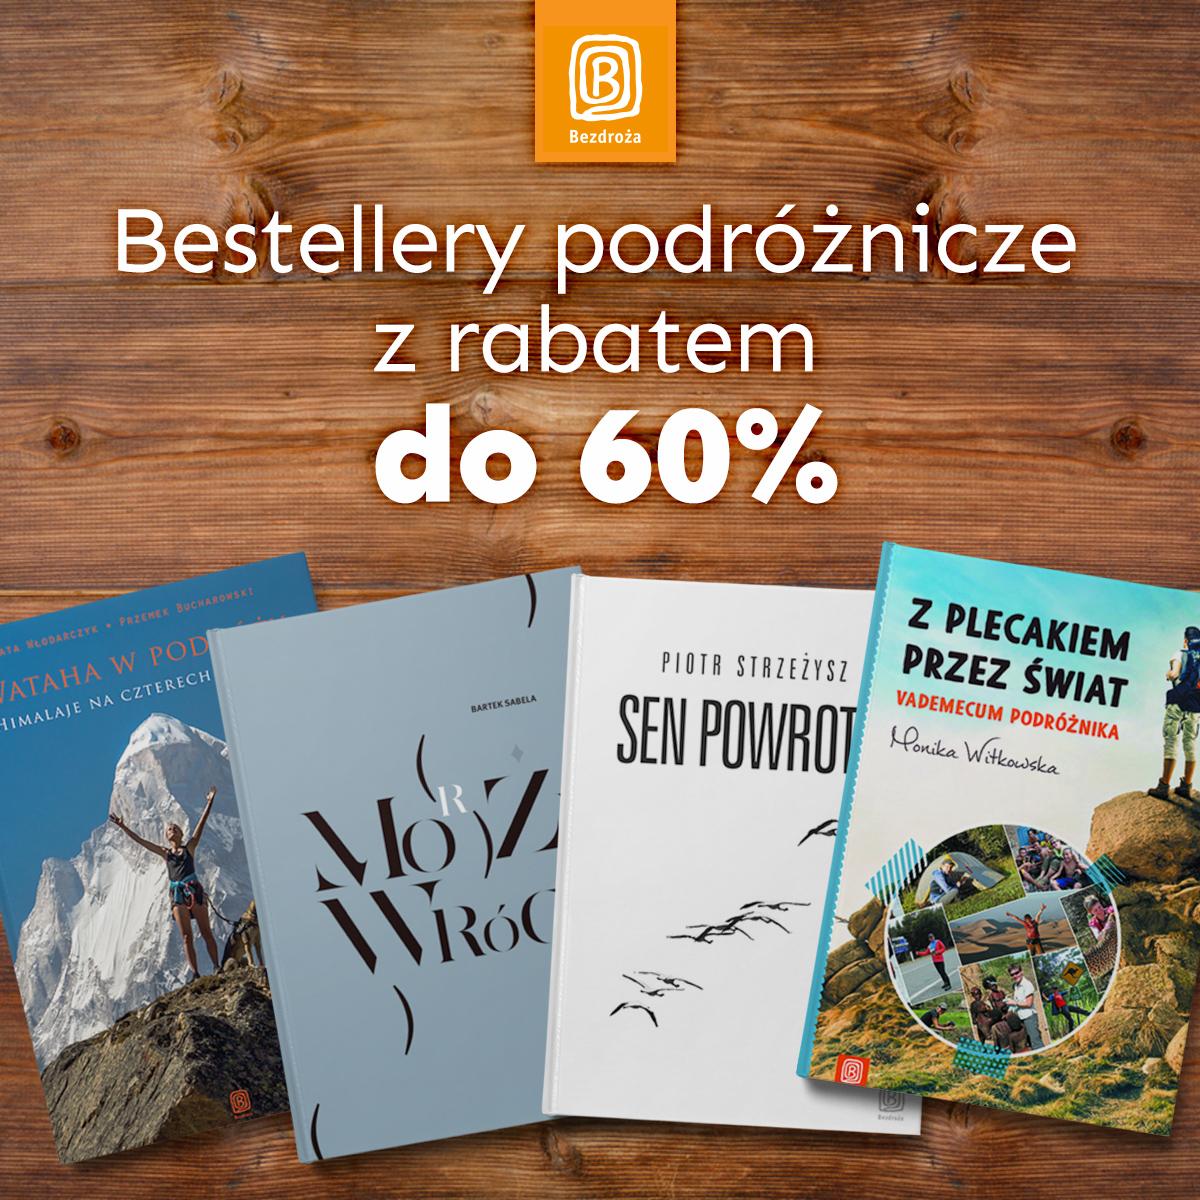 Bestsellery podróżnicze do 60% taniej @ Bezdroża